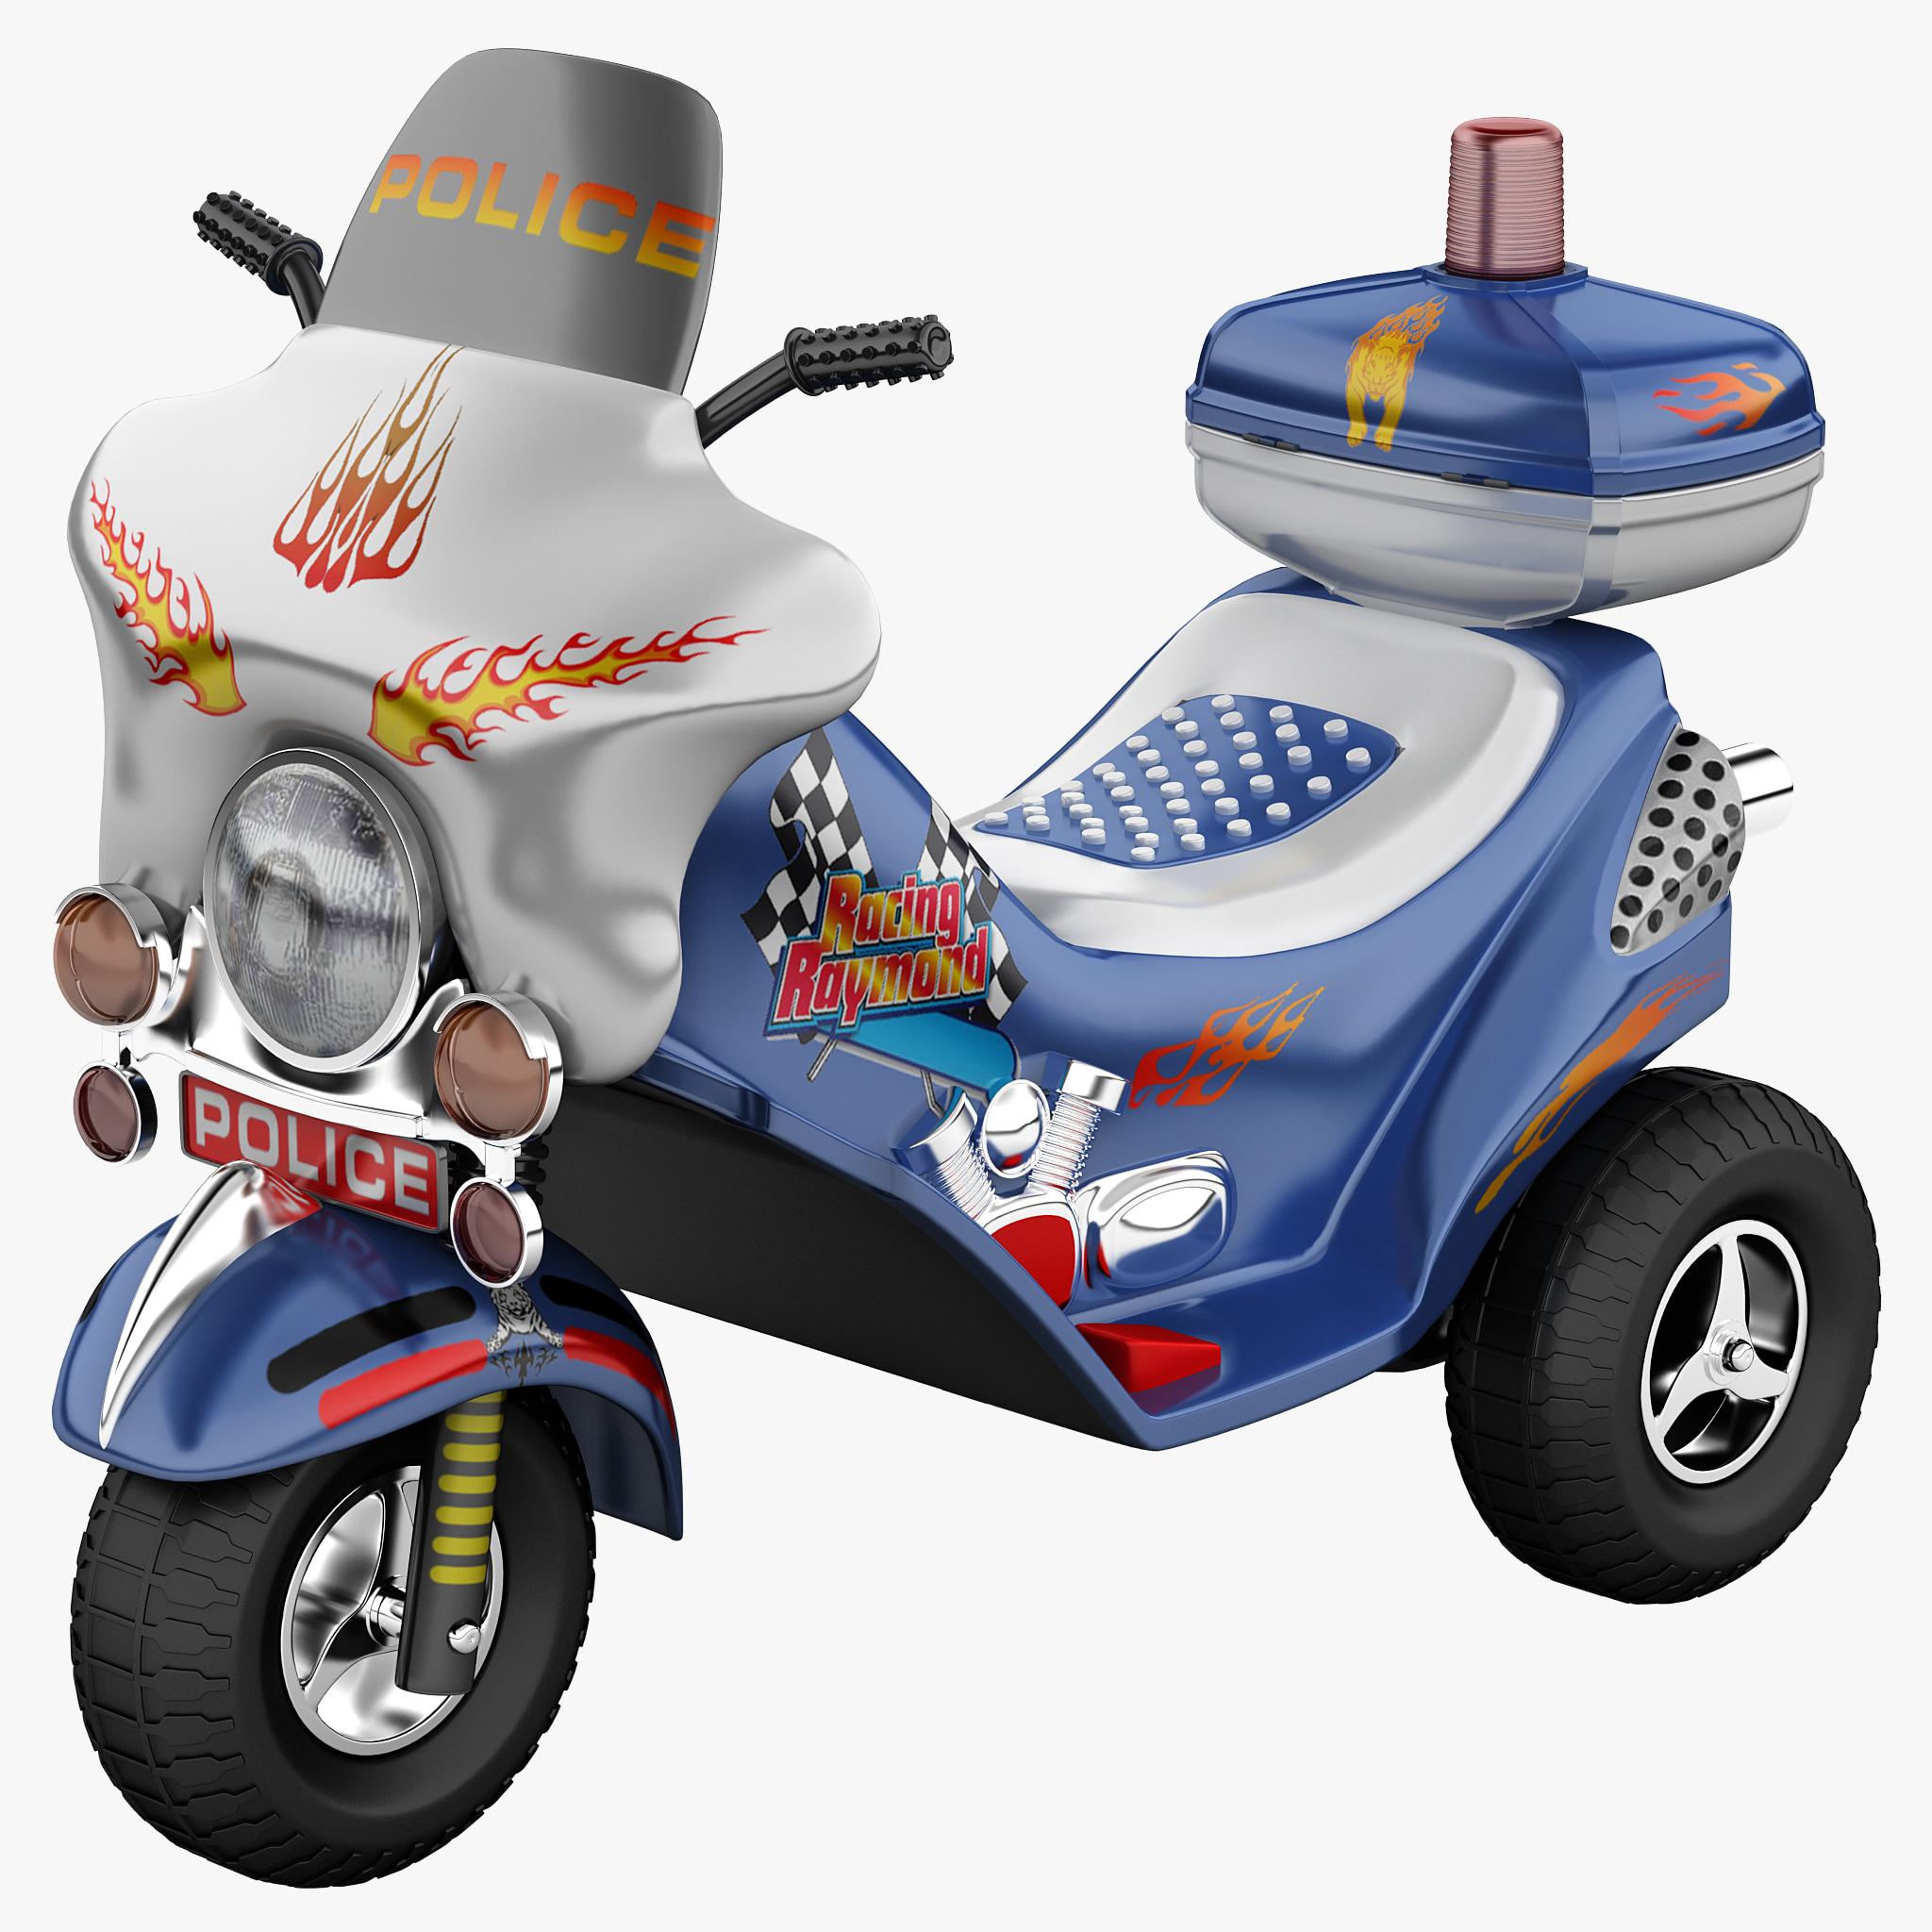 Toy Bike_1.jpg